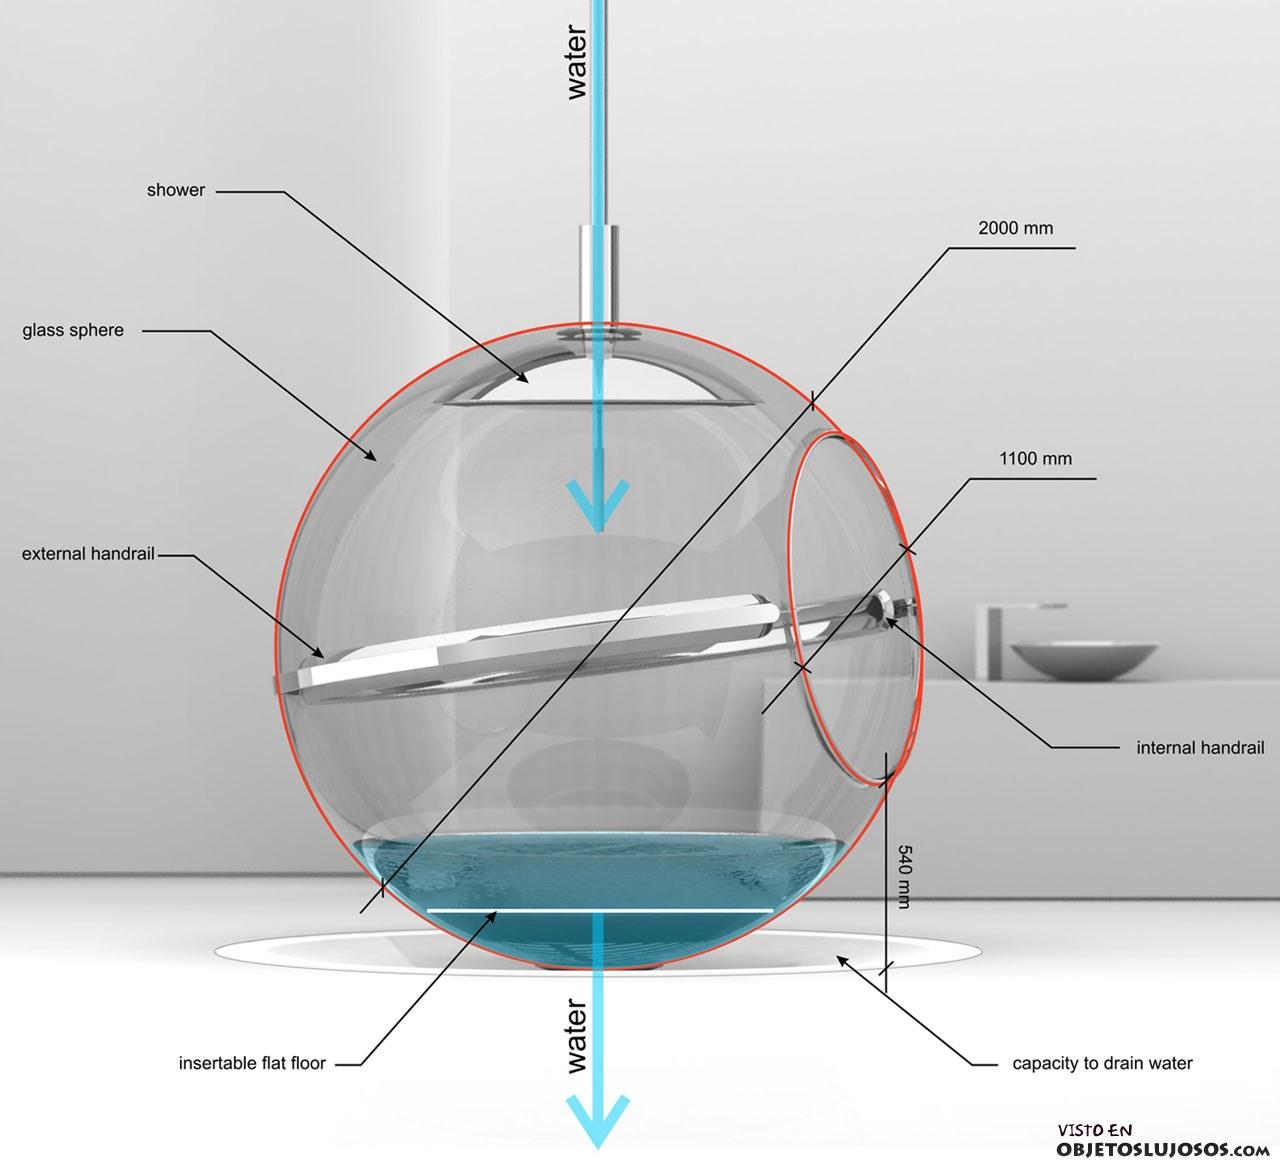 forma de la duchar bathsphere